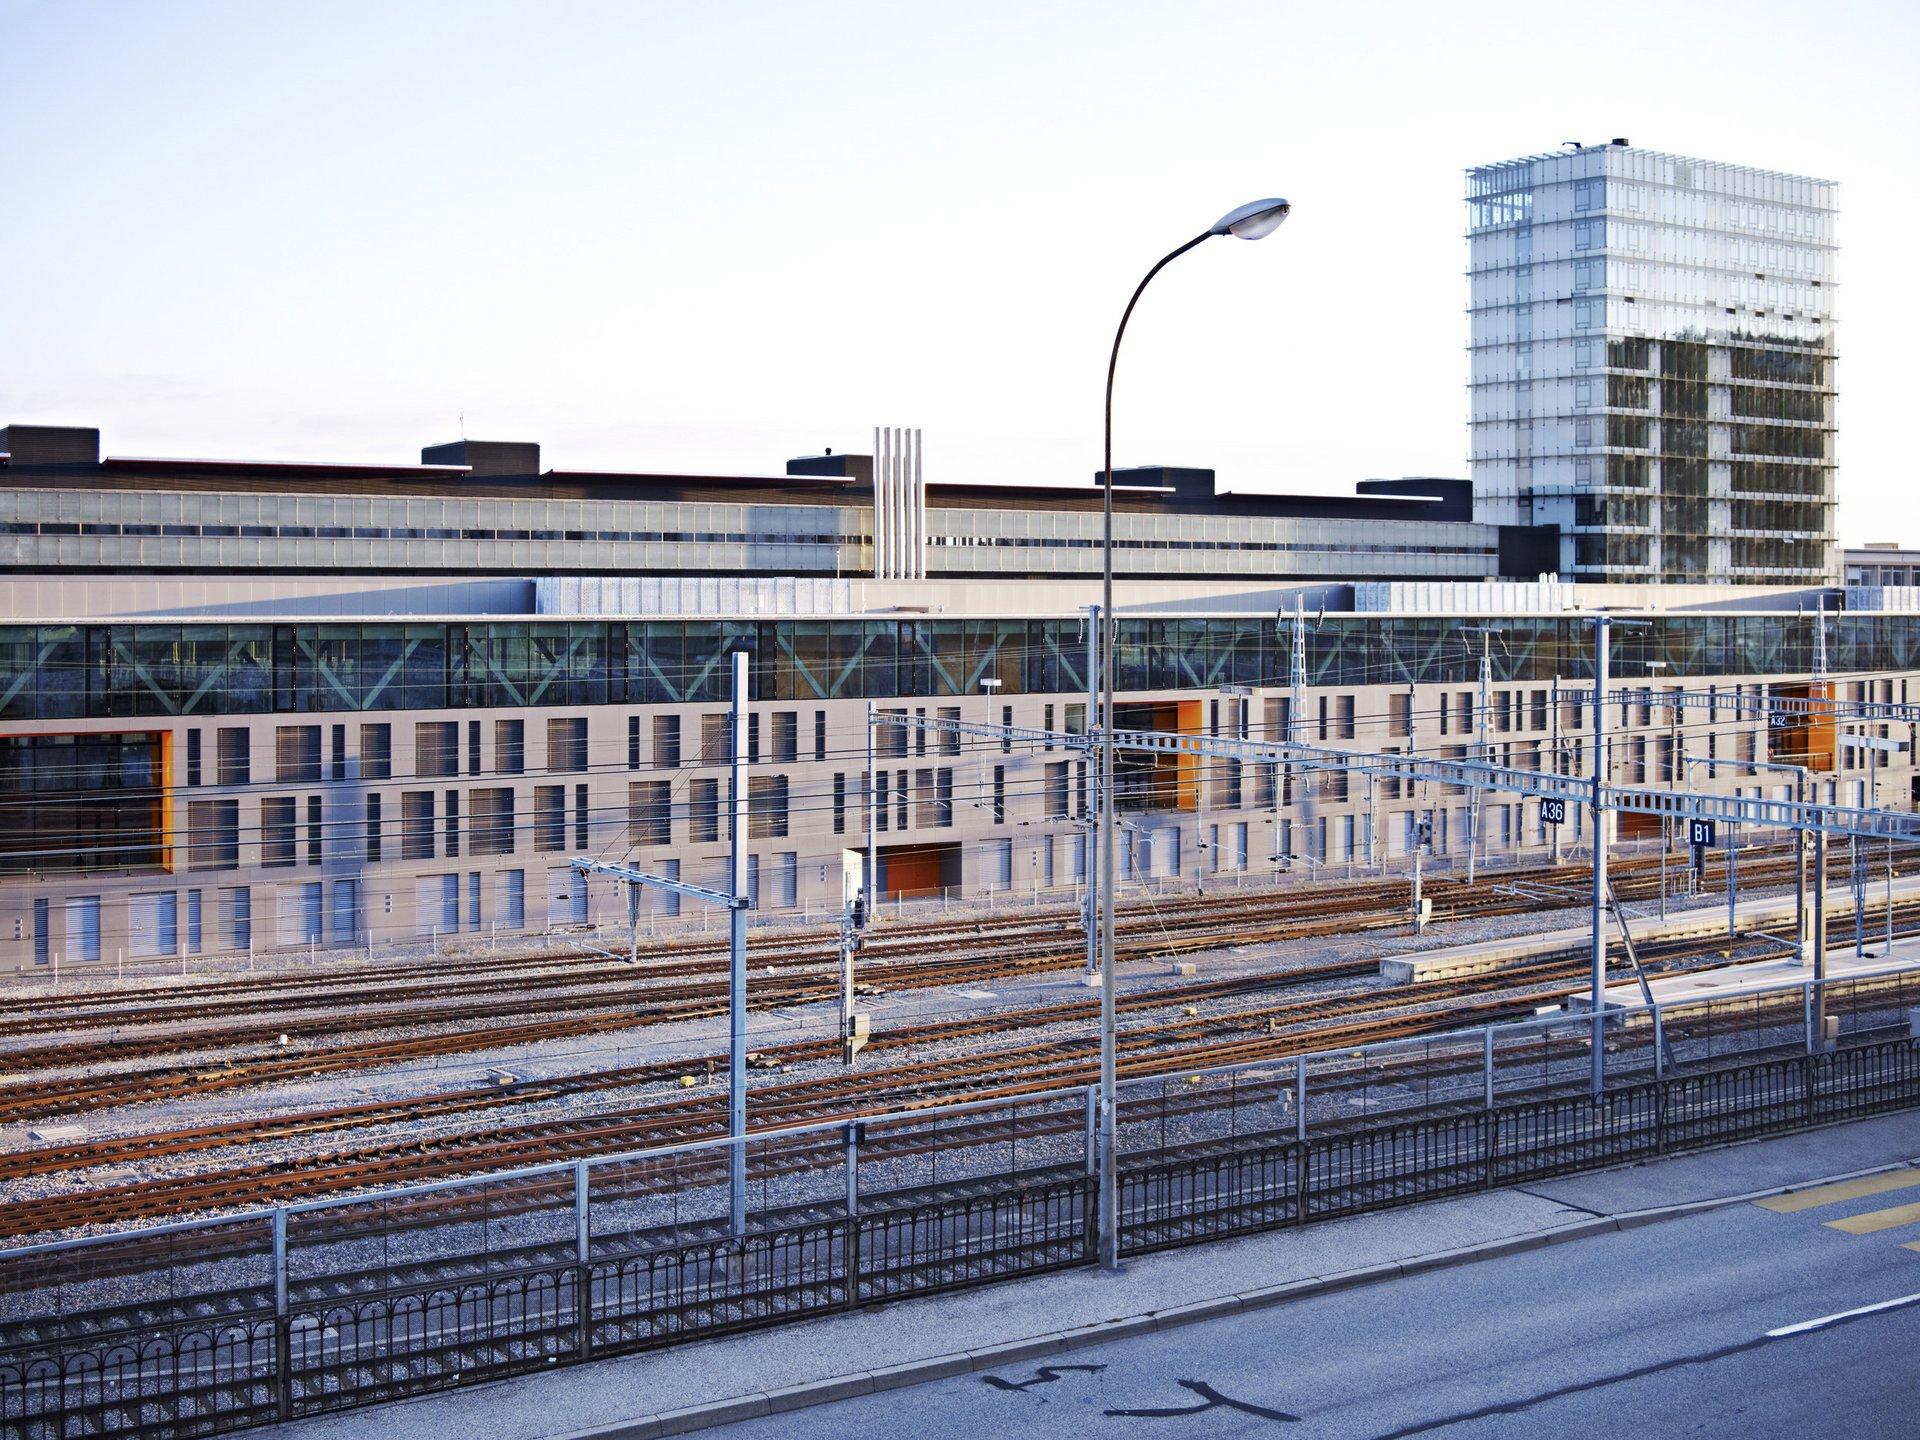 Gebäude hat hohe Schallschutzanforderung da direkt anliegender Bahnhof